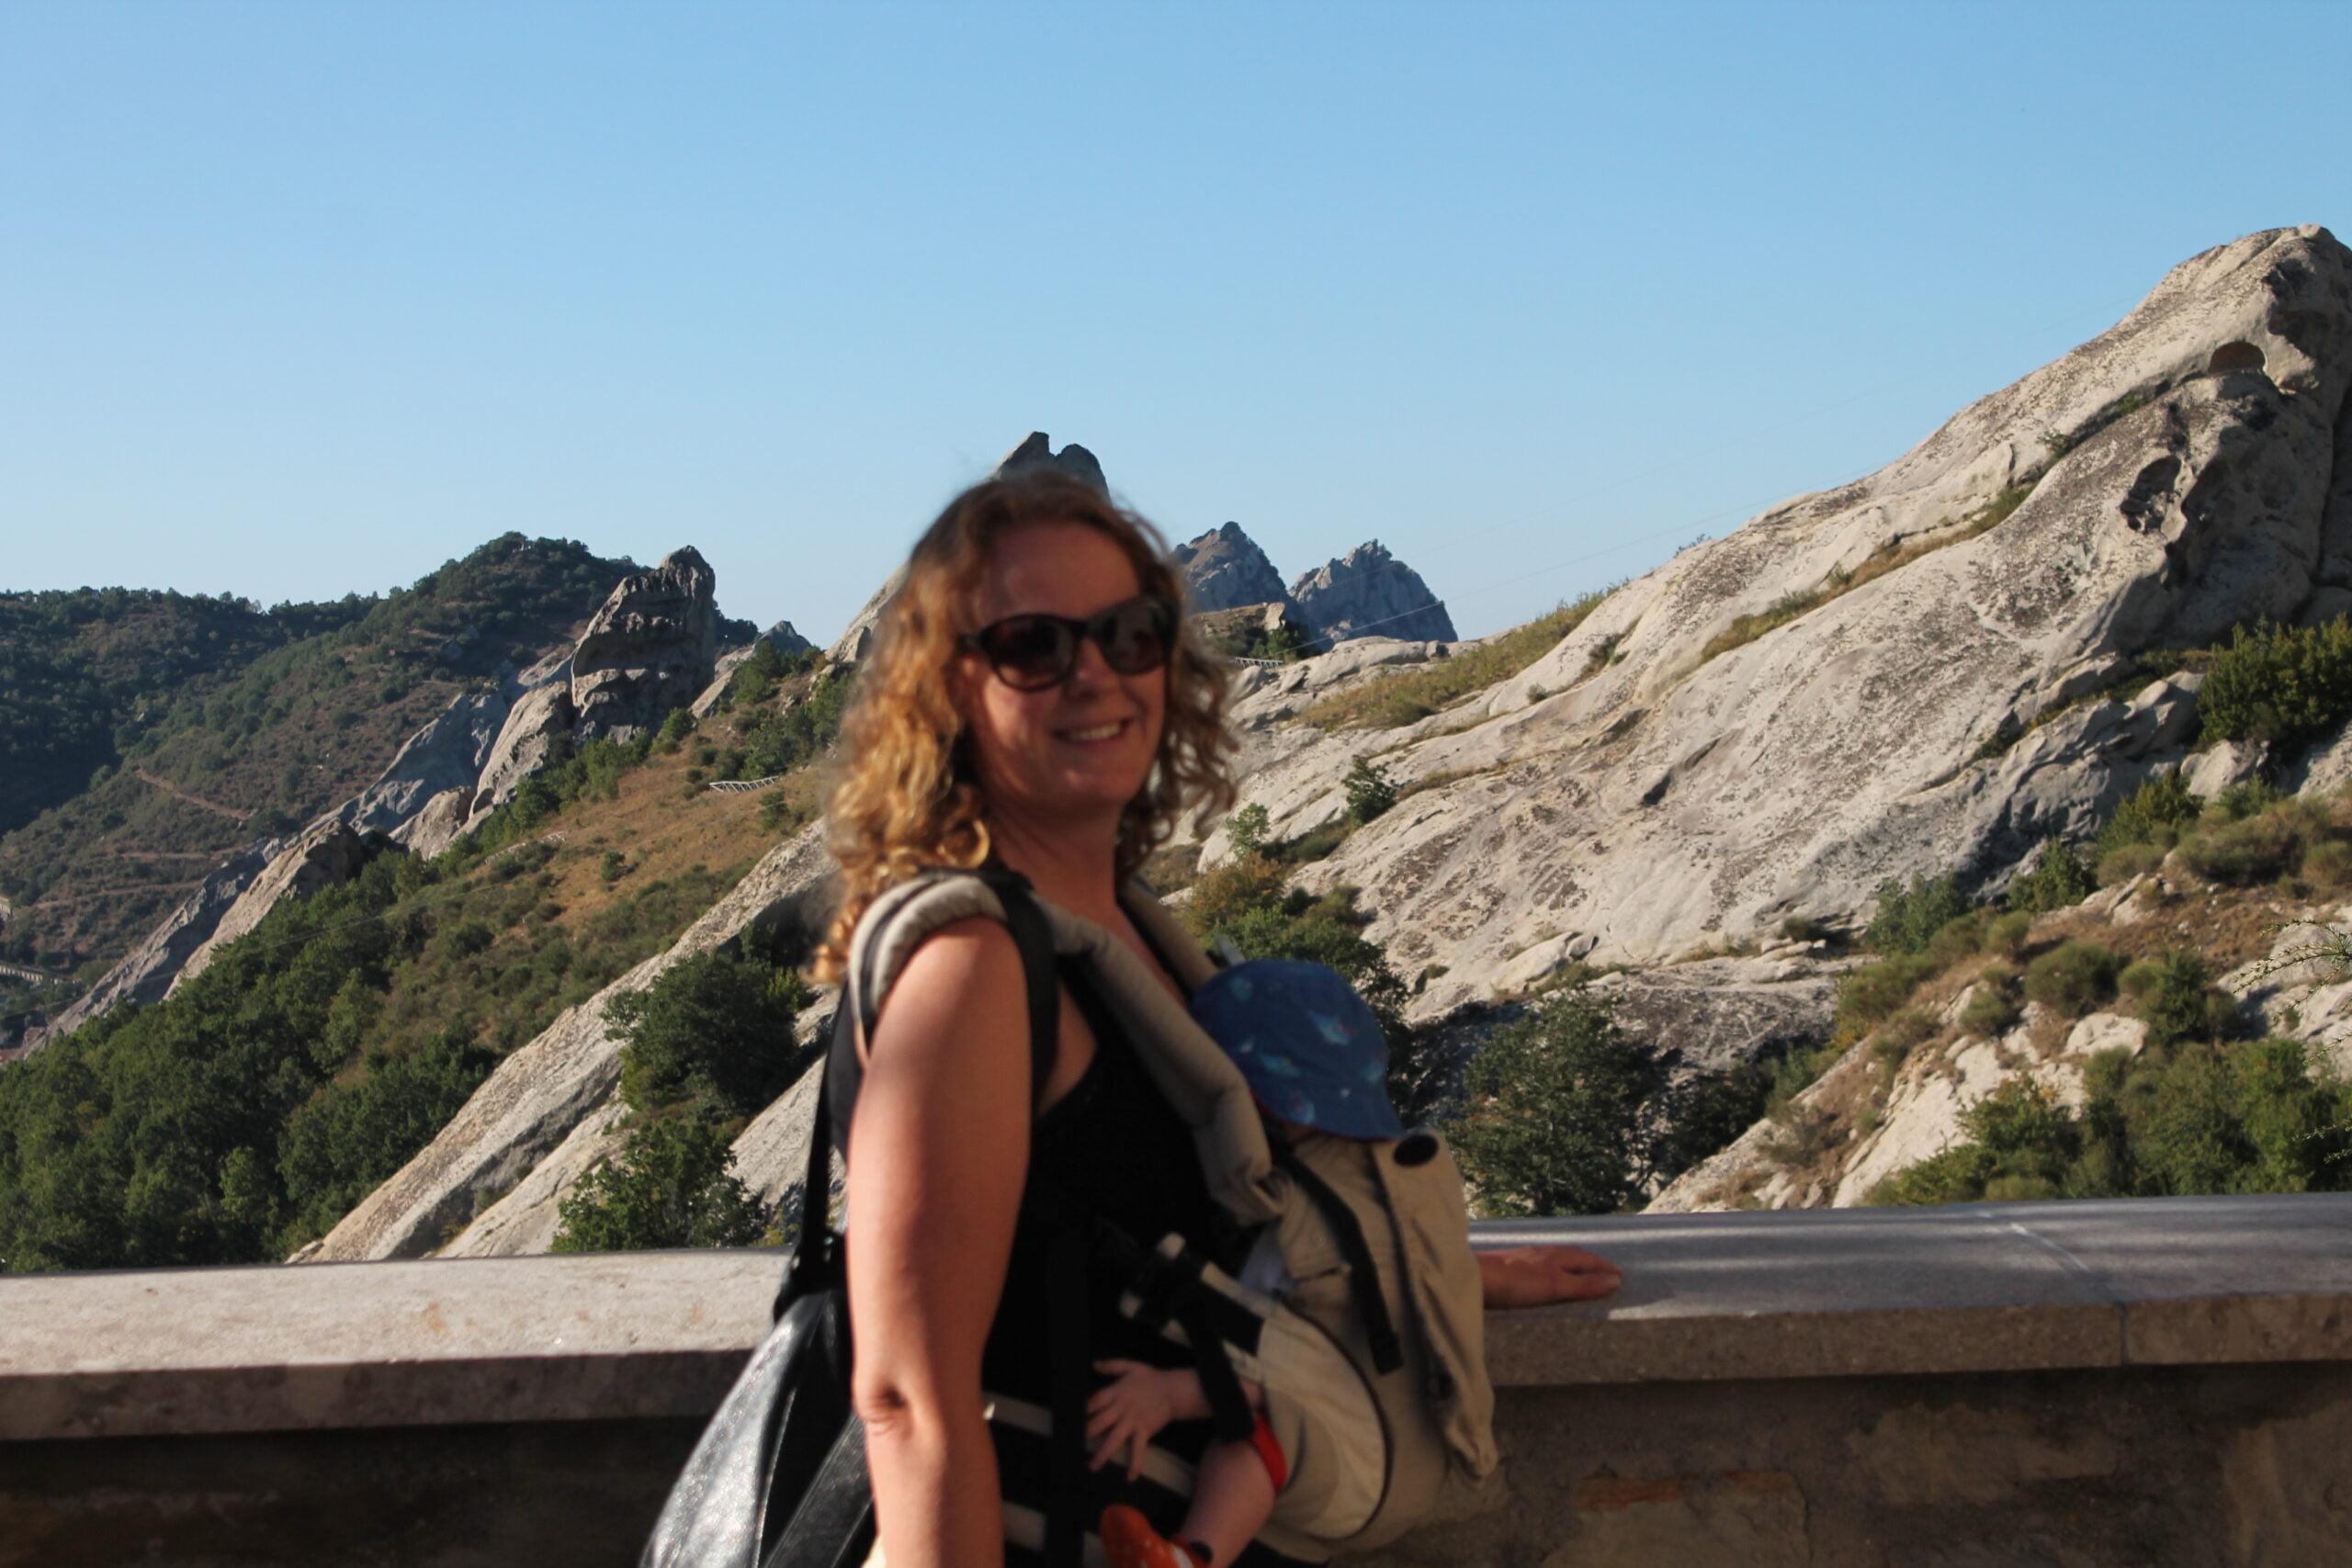 """Organizzare un road trip con i bambini è più semplice di quanto Si pensi. L'esperienza di Anna:""""Indispensabile per il nostro viaggio anche il marsupio porta bebè, super comodo per visitare gli scavi archeologici, i centri storici e per l'escursione di trekking che avevamo in programma."""""""